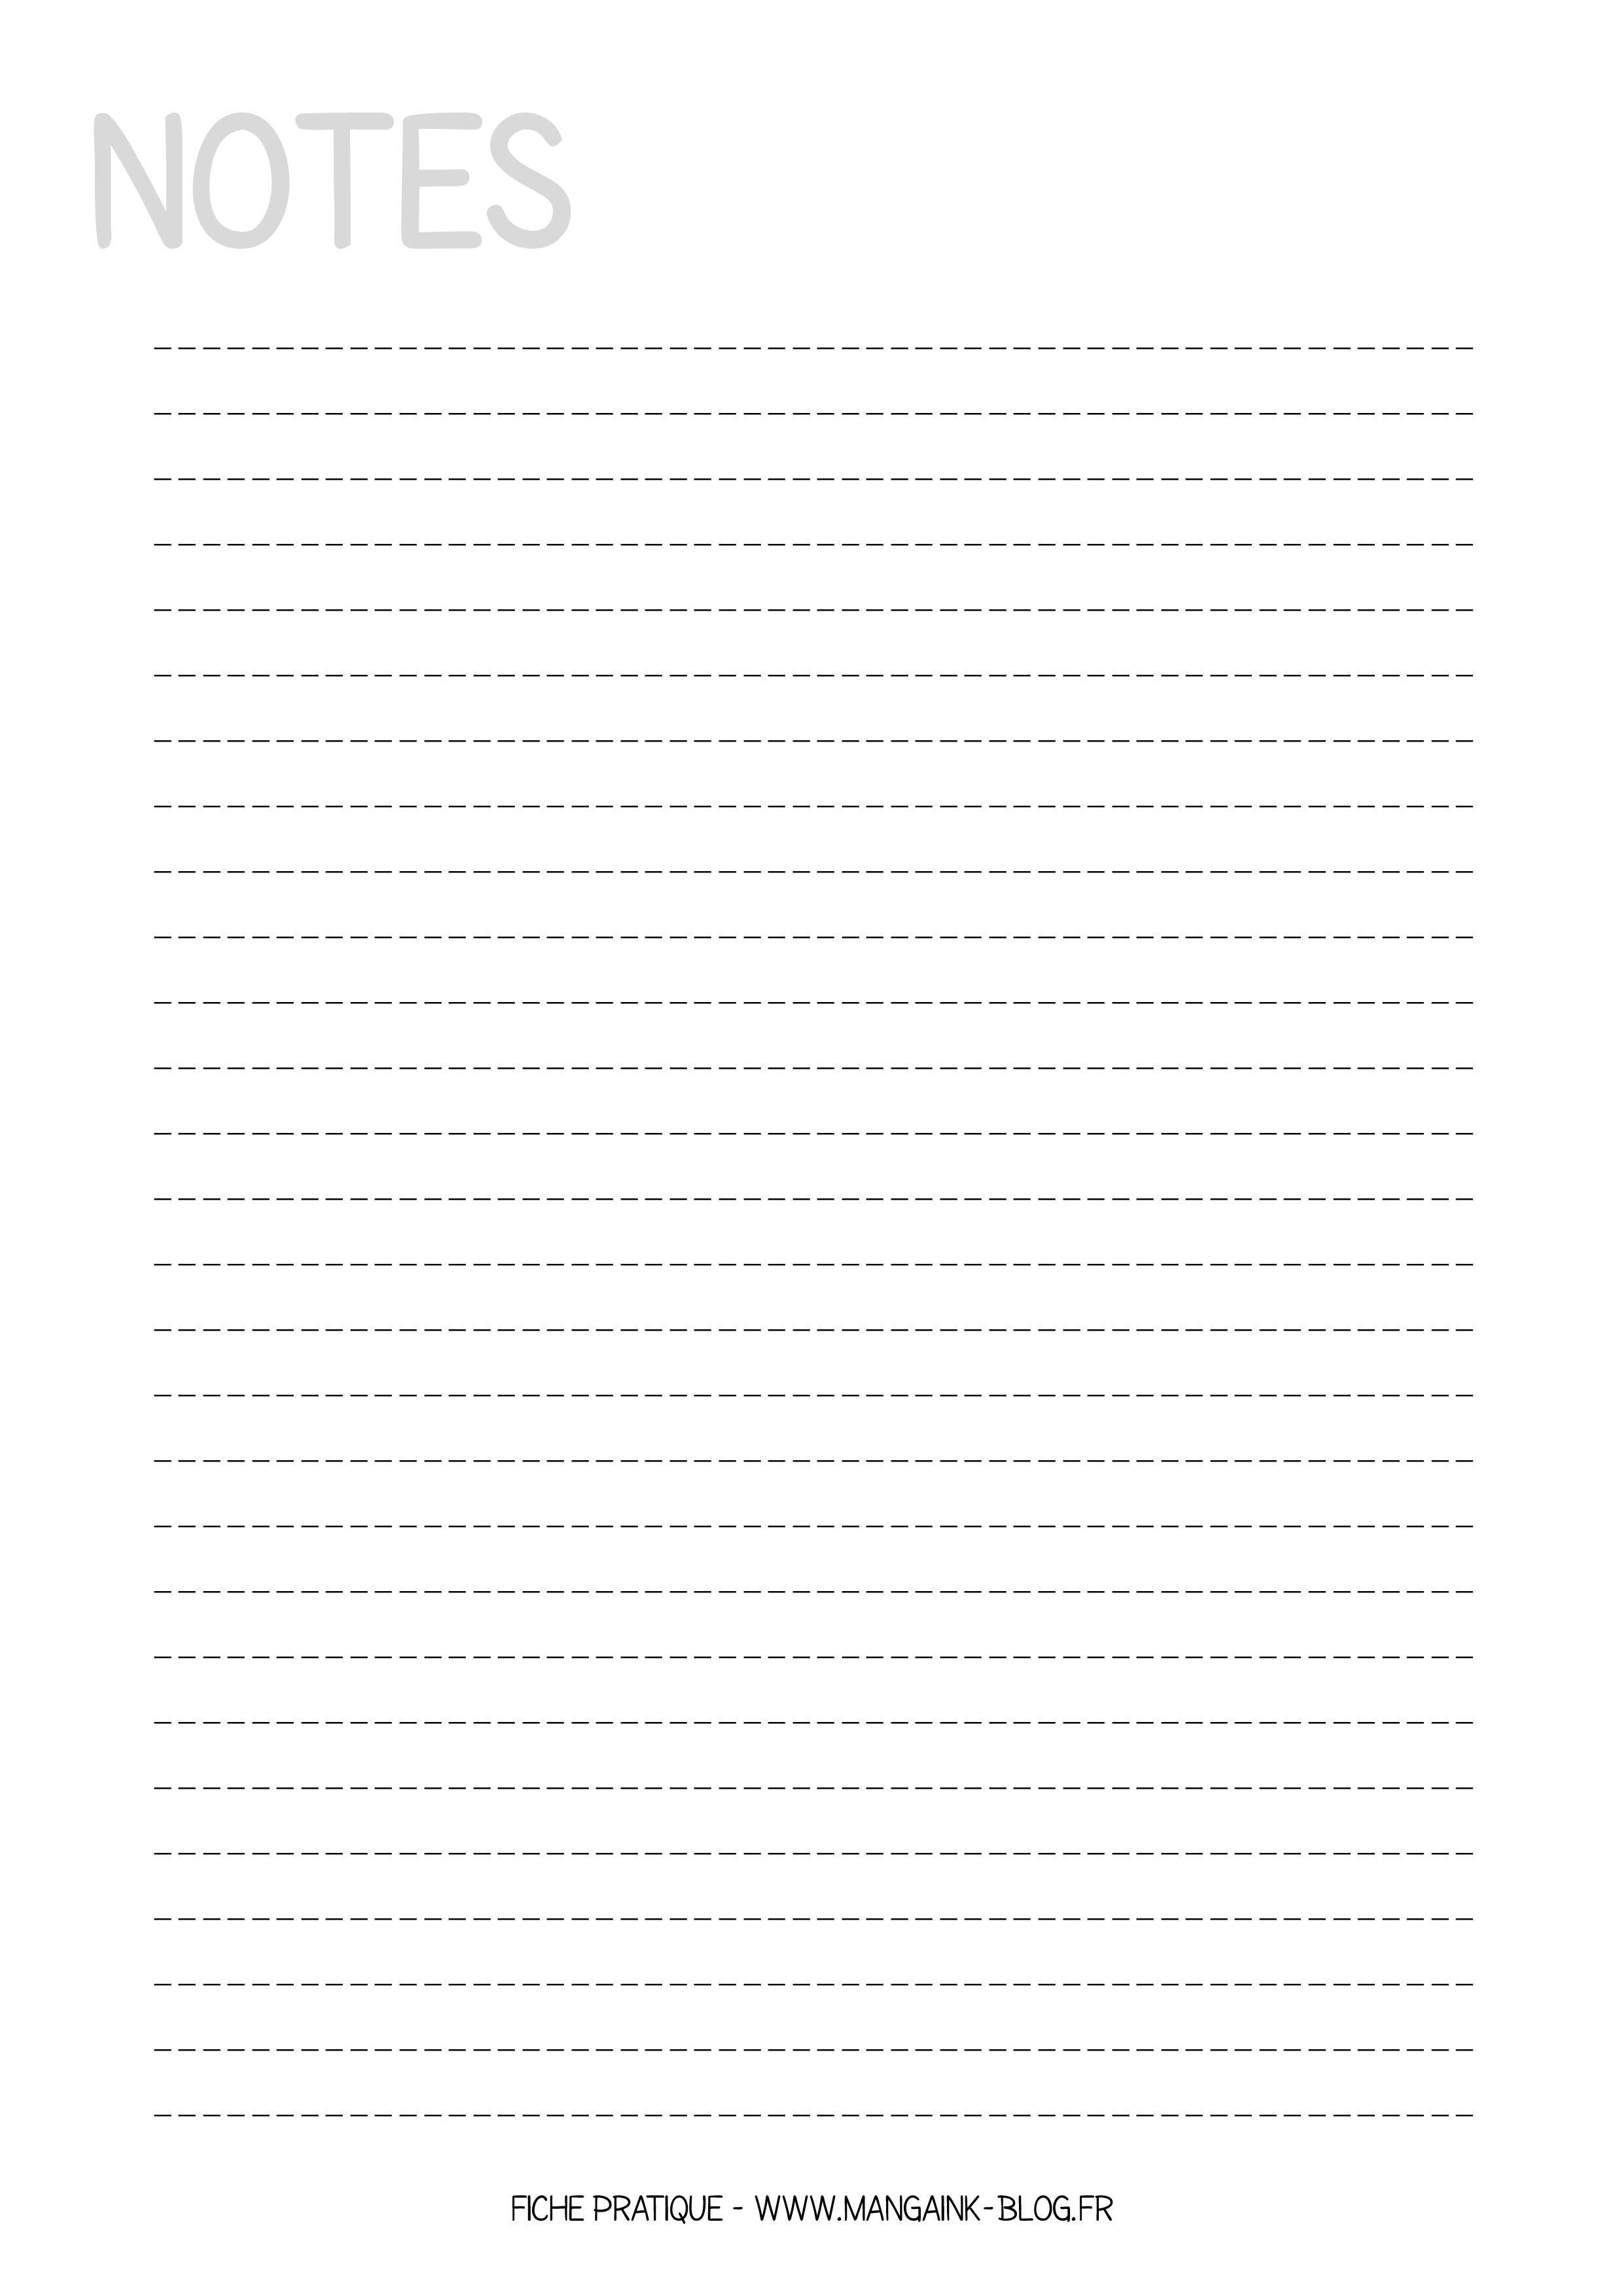 Fiche pratique imprimer feuille de notes outils fiches pratiques pinterest a - Feuille de musique a imprimer ...